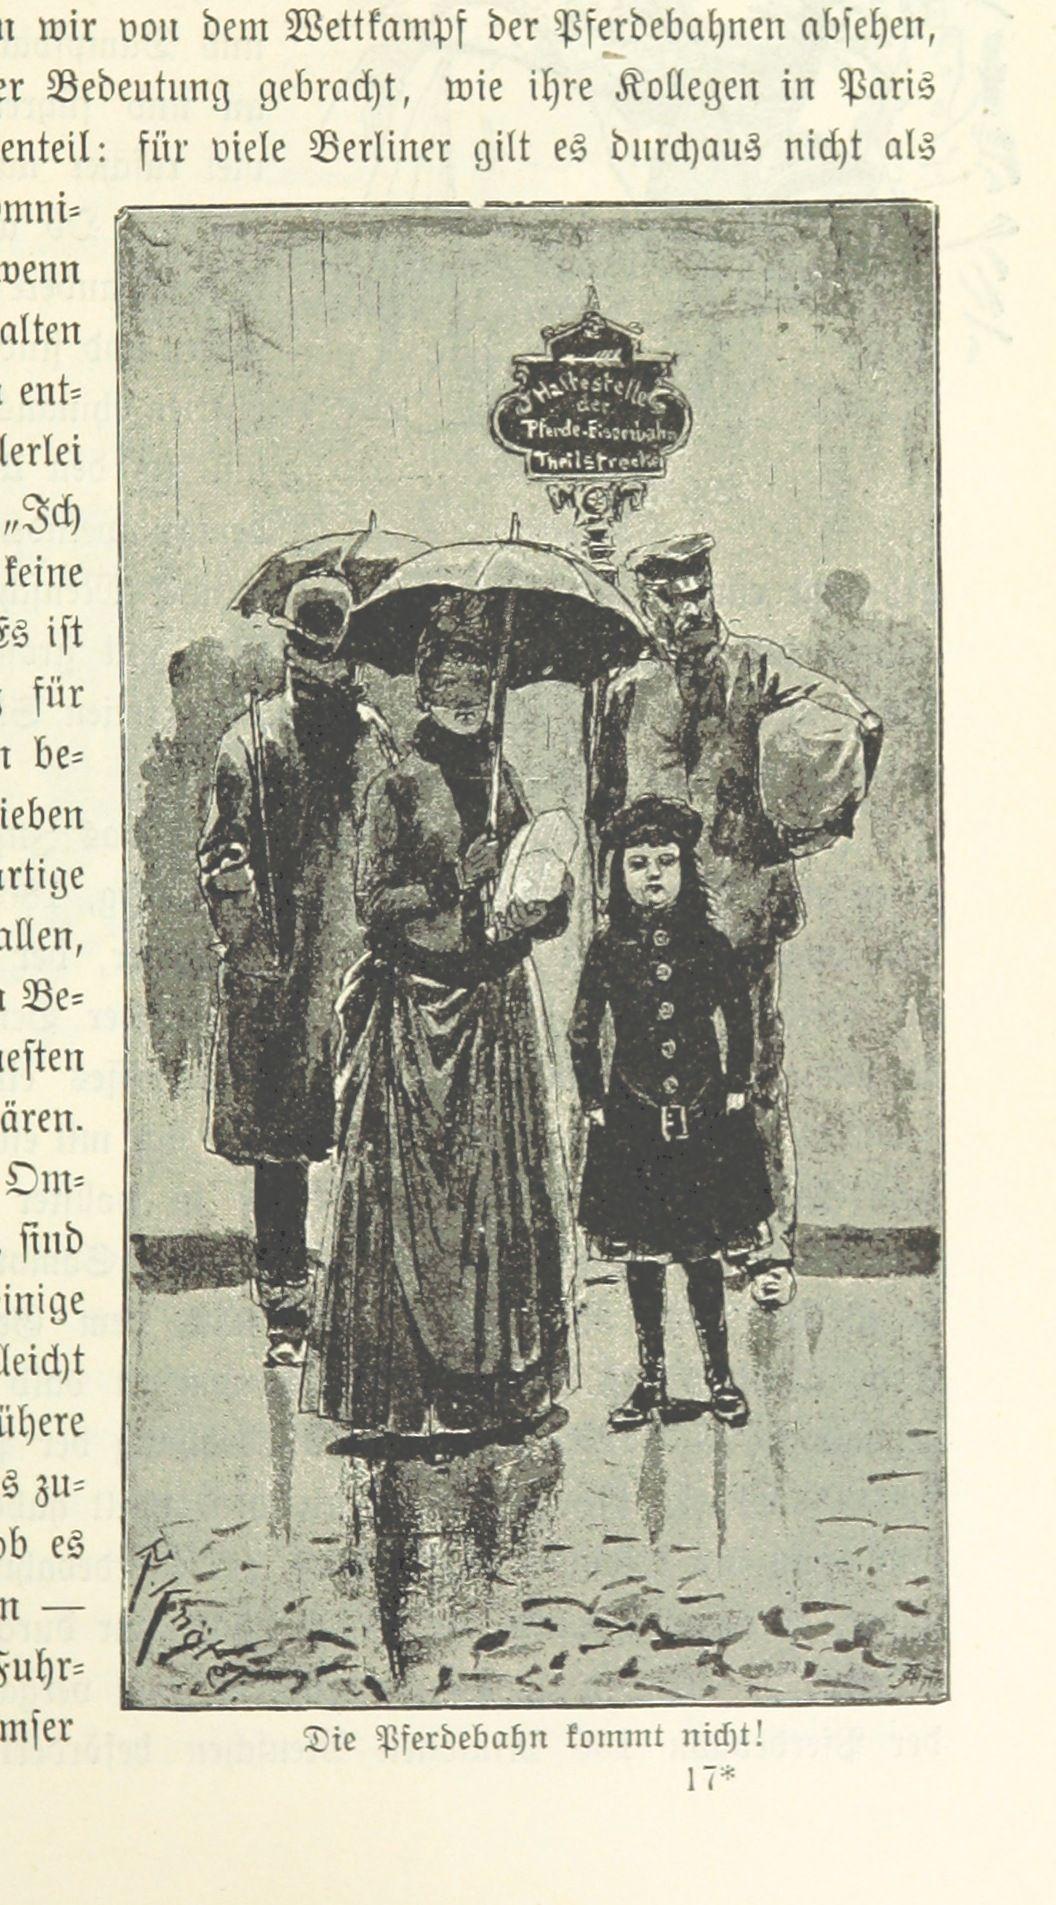 Berlin Die Pferdebahn Kommt Nicht 1894 Berlin German Heritage Vintage Images